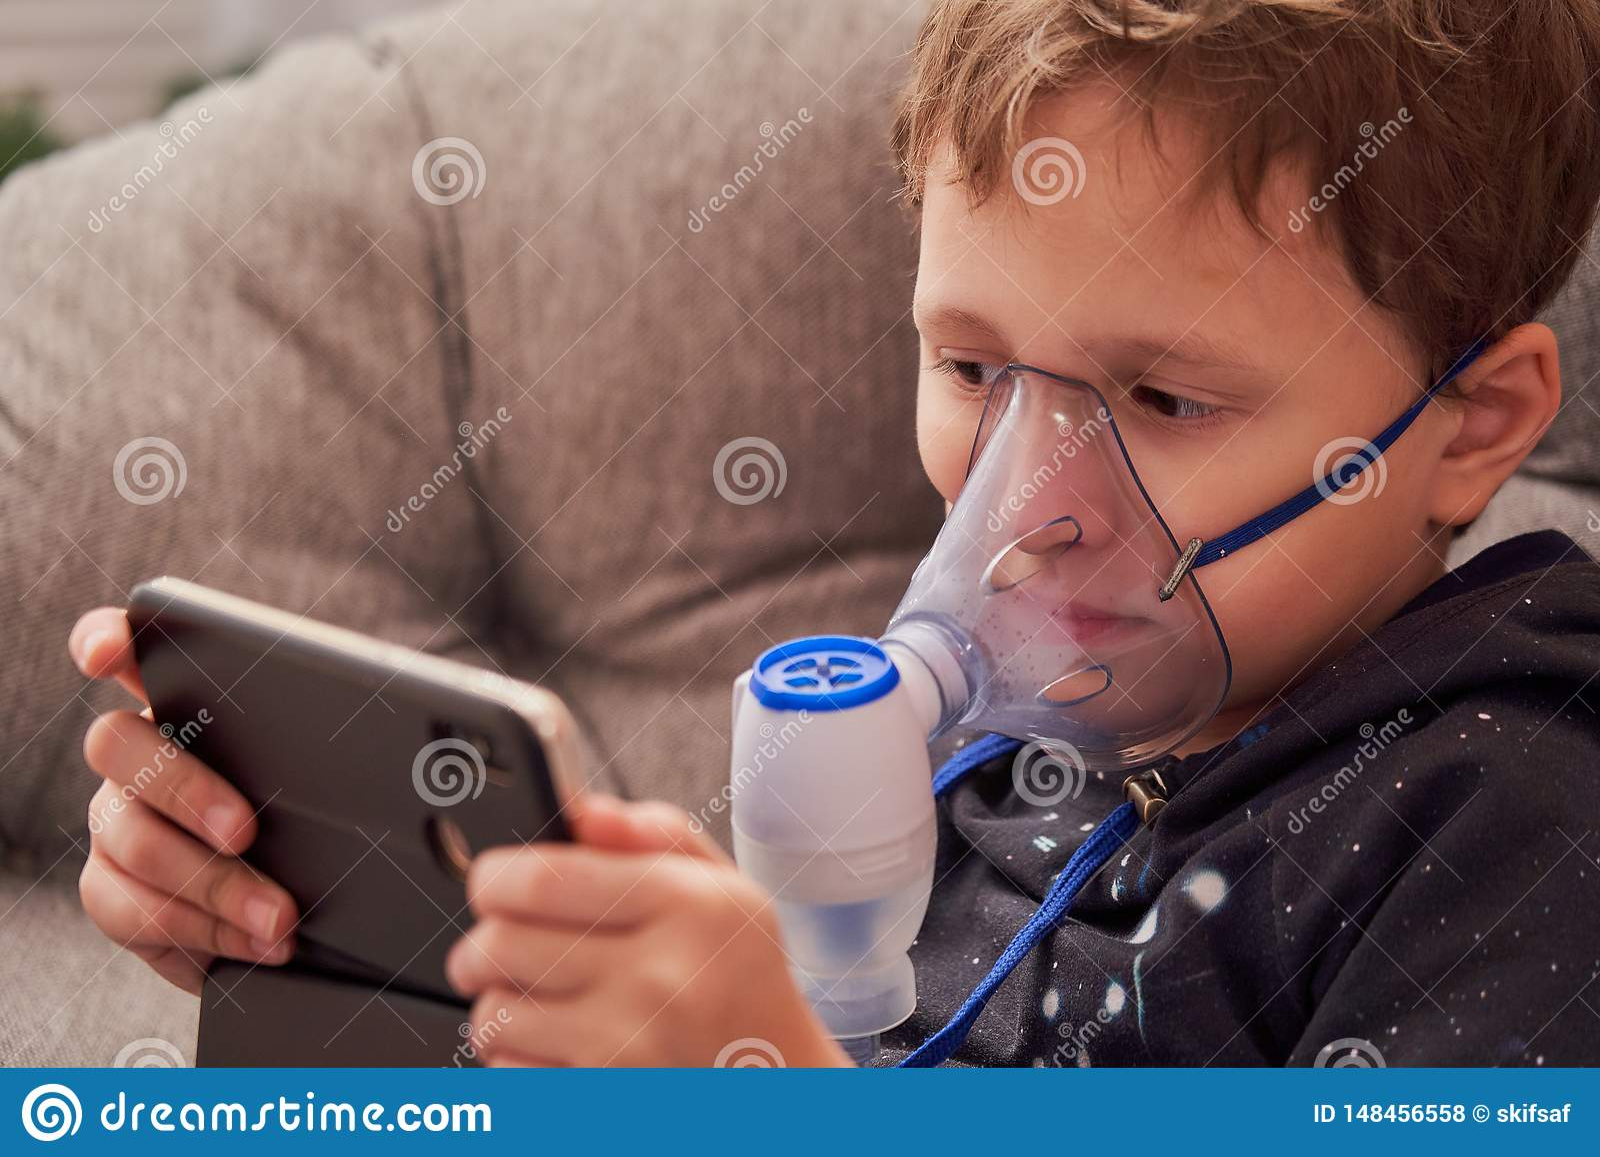 Ребенок делает nebulizer вдыхания дома на стороне носить nebulizer маски вдыхая пар распылил лекарство в легких